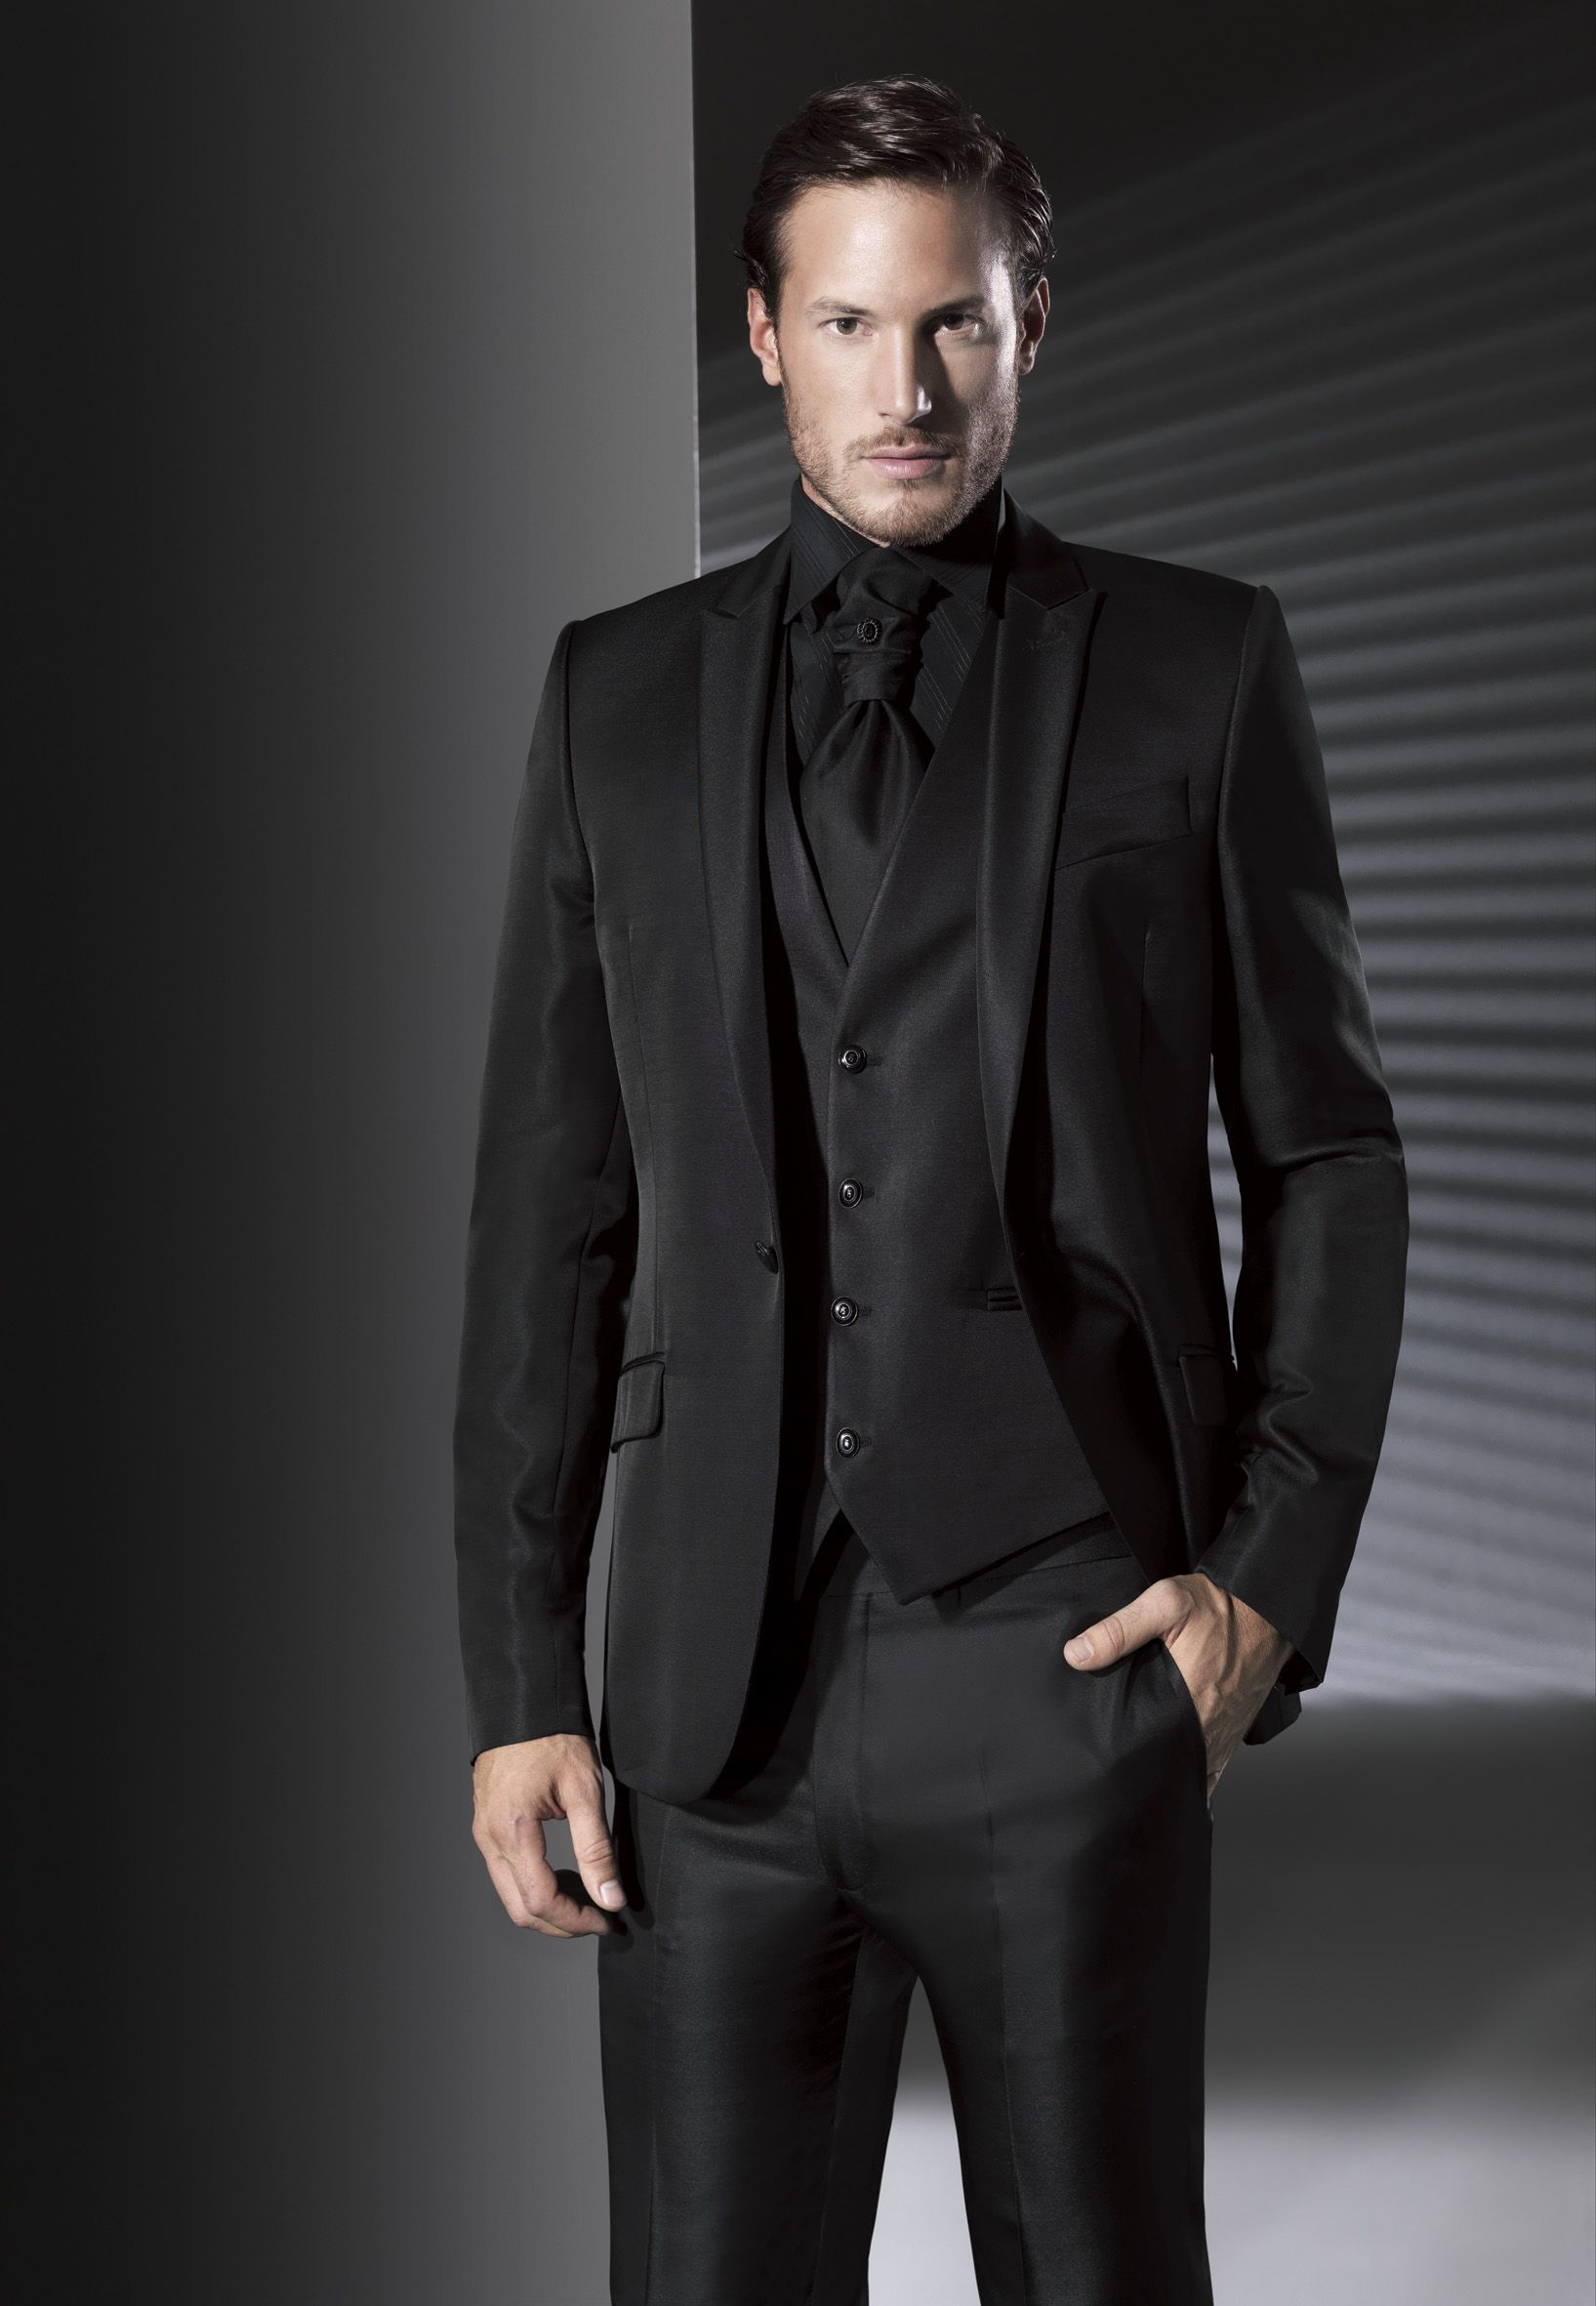 Os presentamos la elegante colección de trajes de novio de la firma Marco Magliotti.